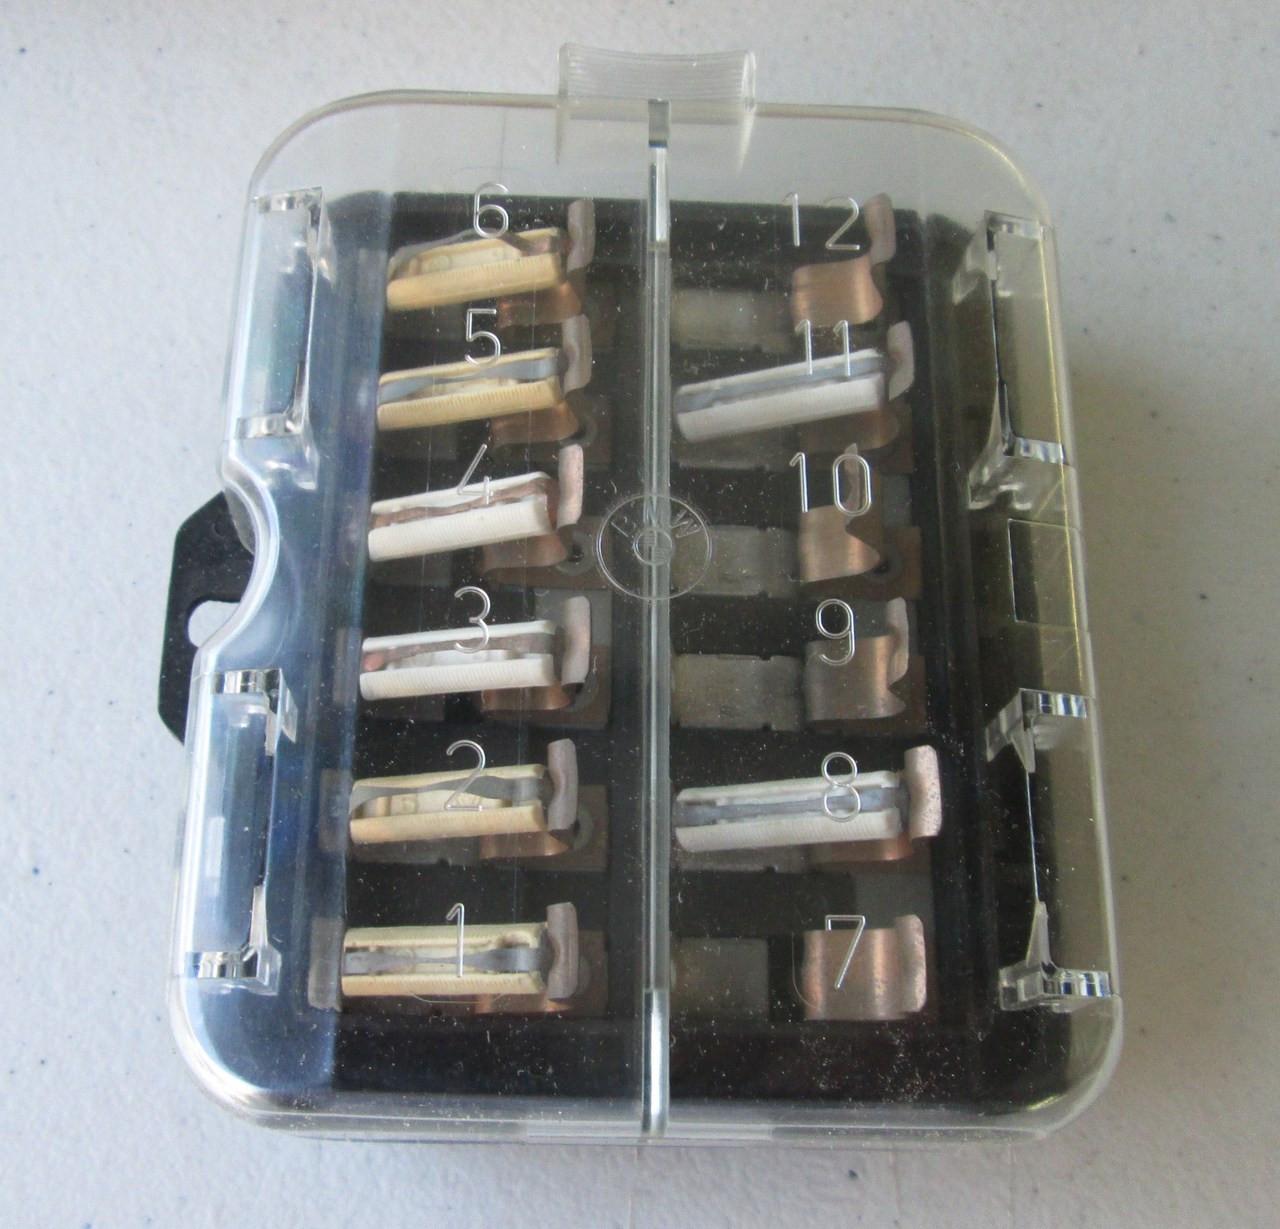 hight resolution of bmw 2002 fusebox 1971 73 rogerstii bmw x3 fuse box diagram bmw 2002 fusebox 1971 73